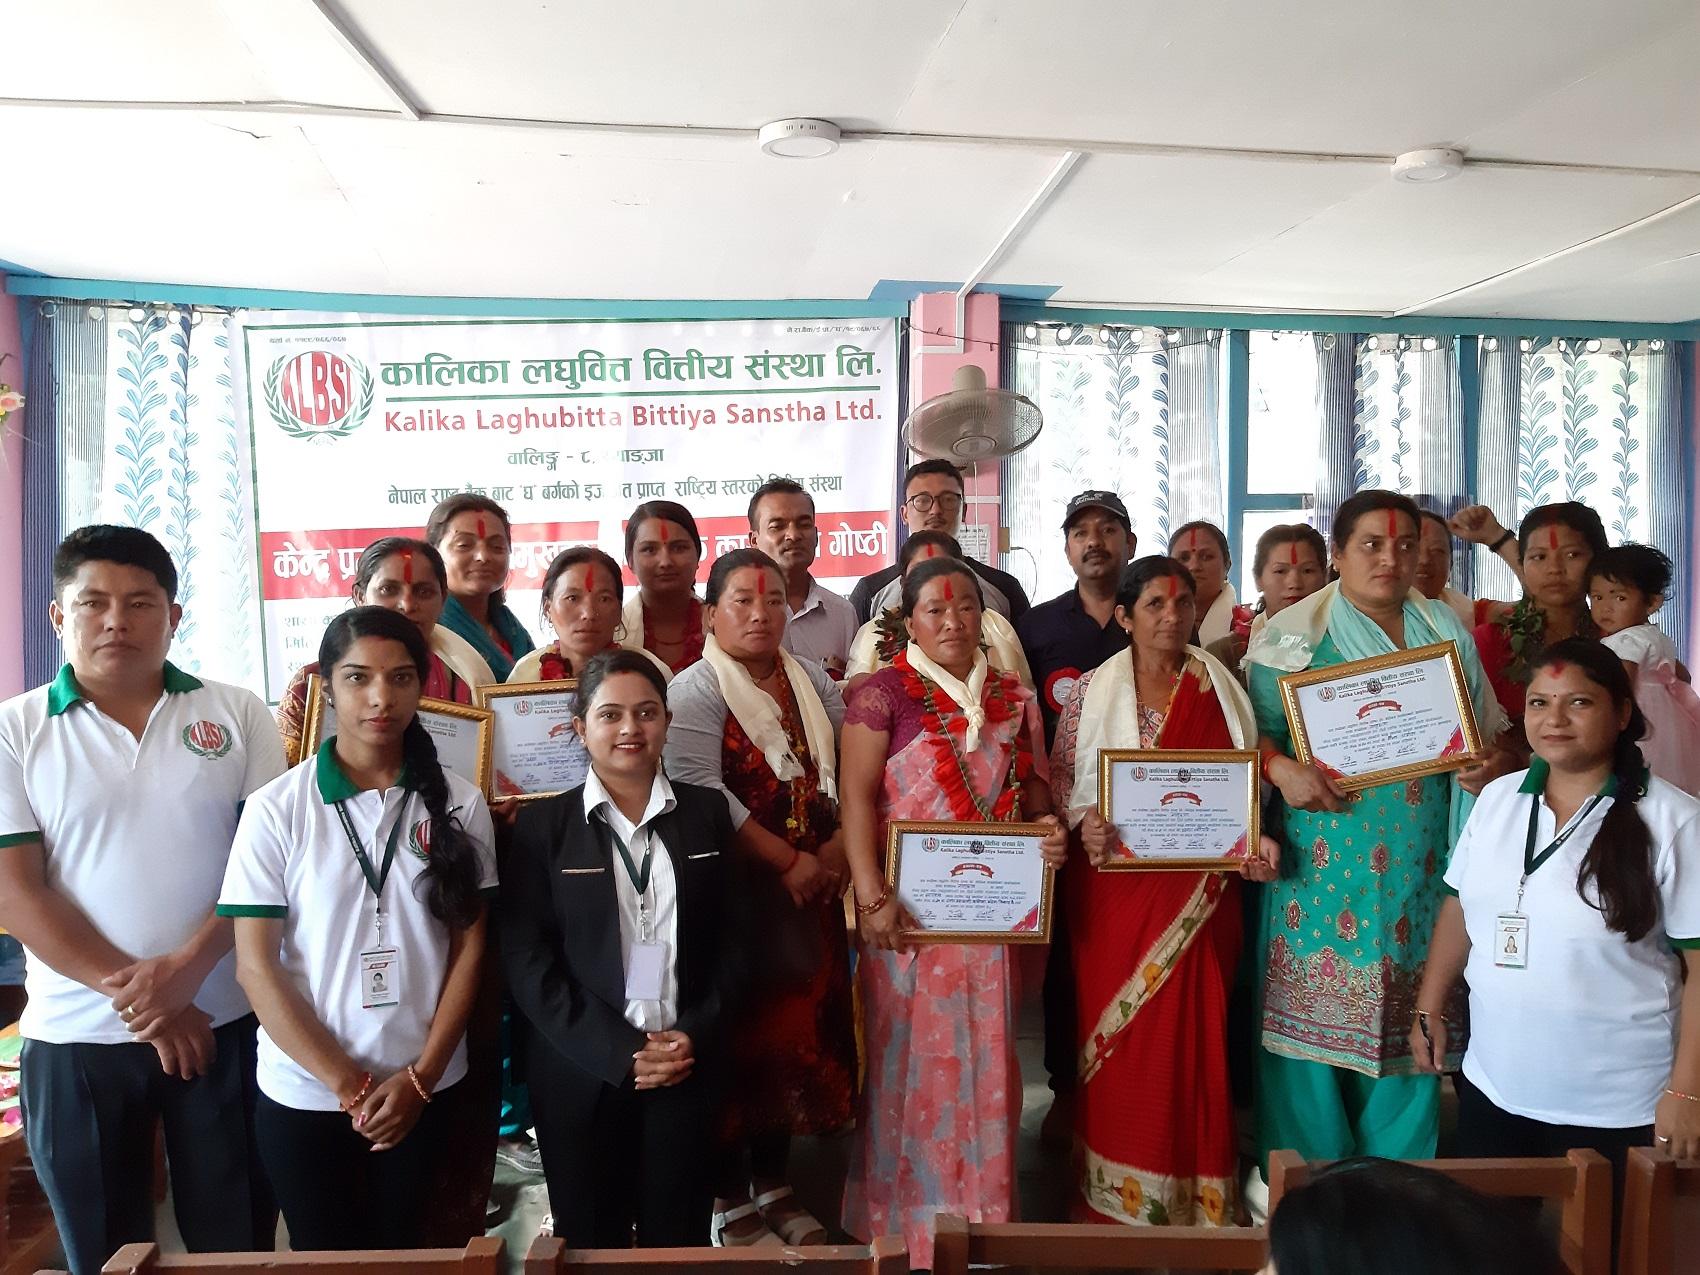 मालुङ्गामा कालिका लघुवित्तका केन्द्रका प्रमुखहरु सहित कार्यशाला गोष्ठी